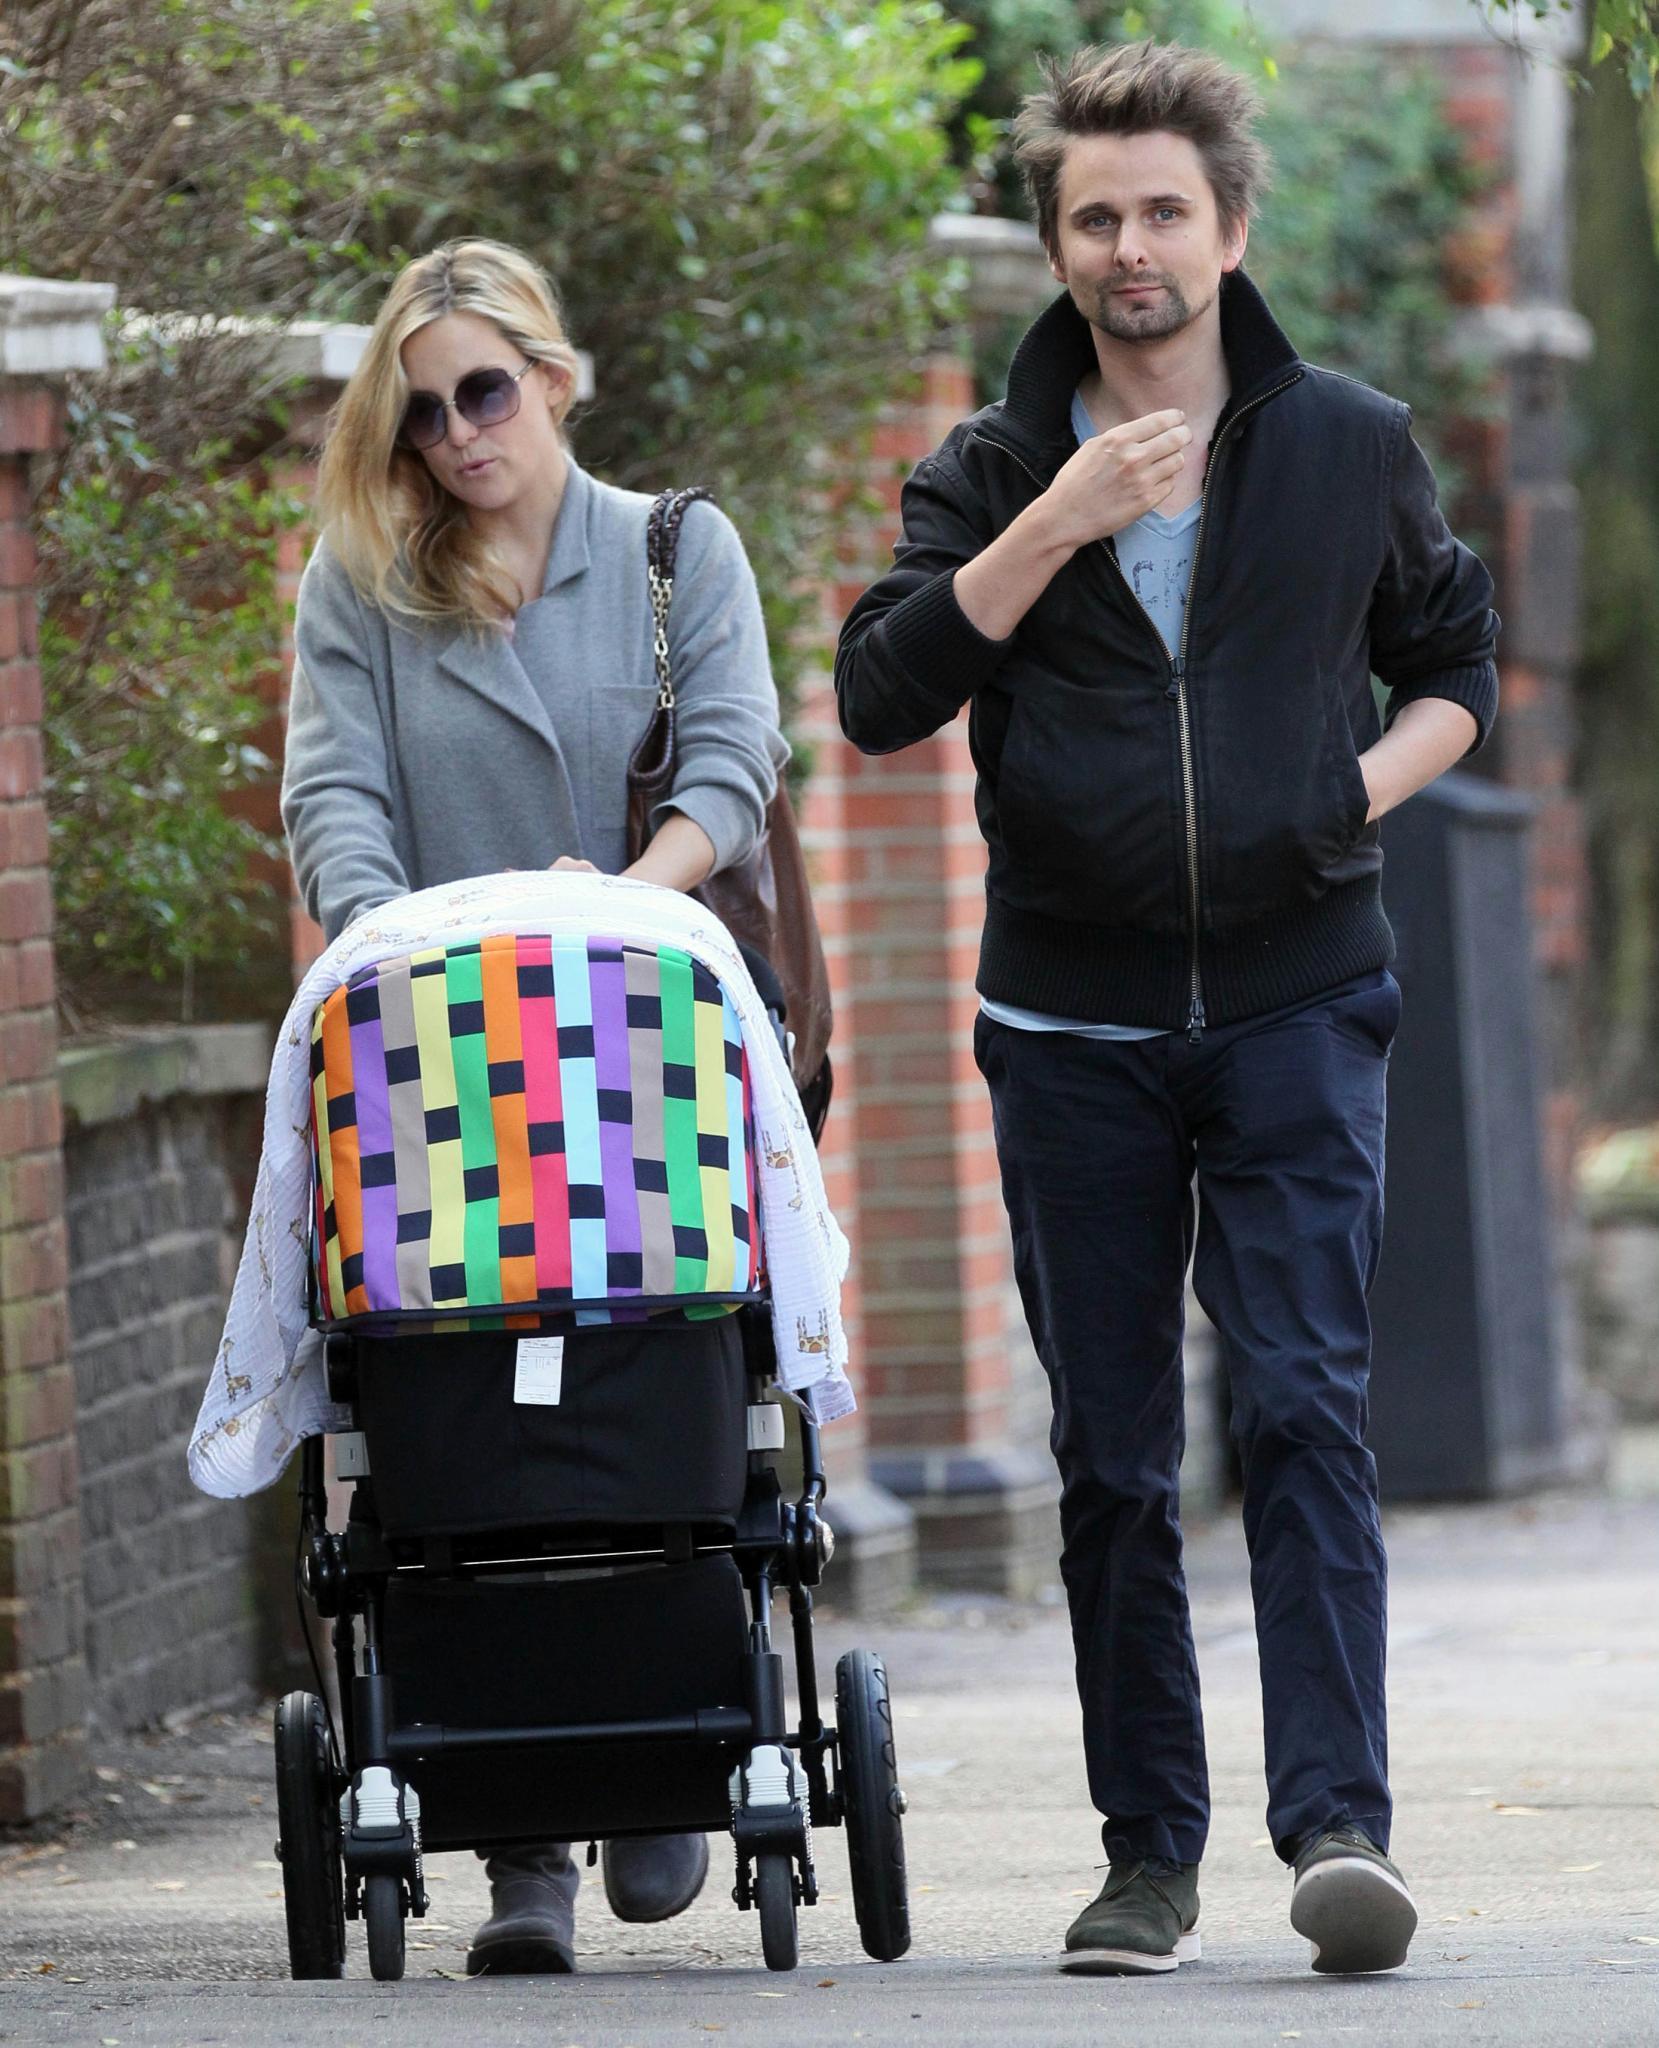 Kate Hudson und Matt Bellamy in September 2011 in London. Im Kinderwagen liegt ihr gemeinsamer Sohn Bingahm.